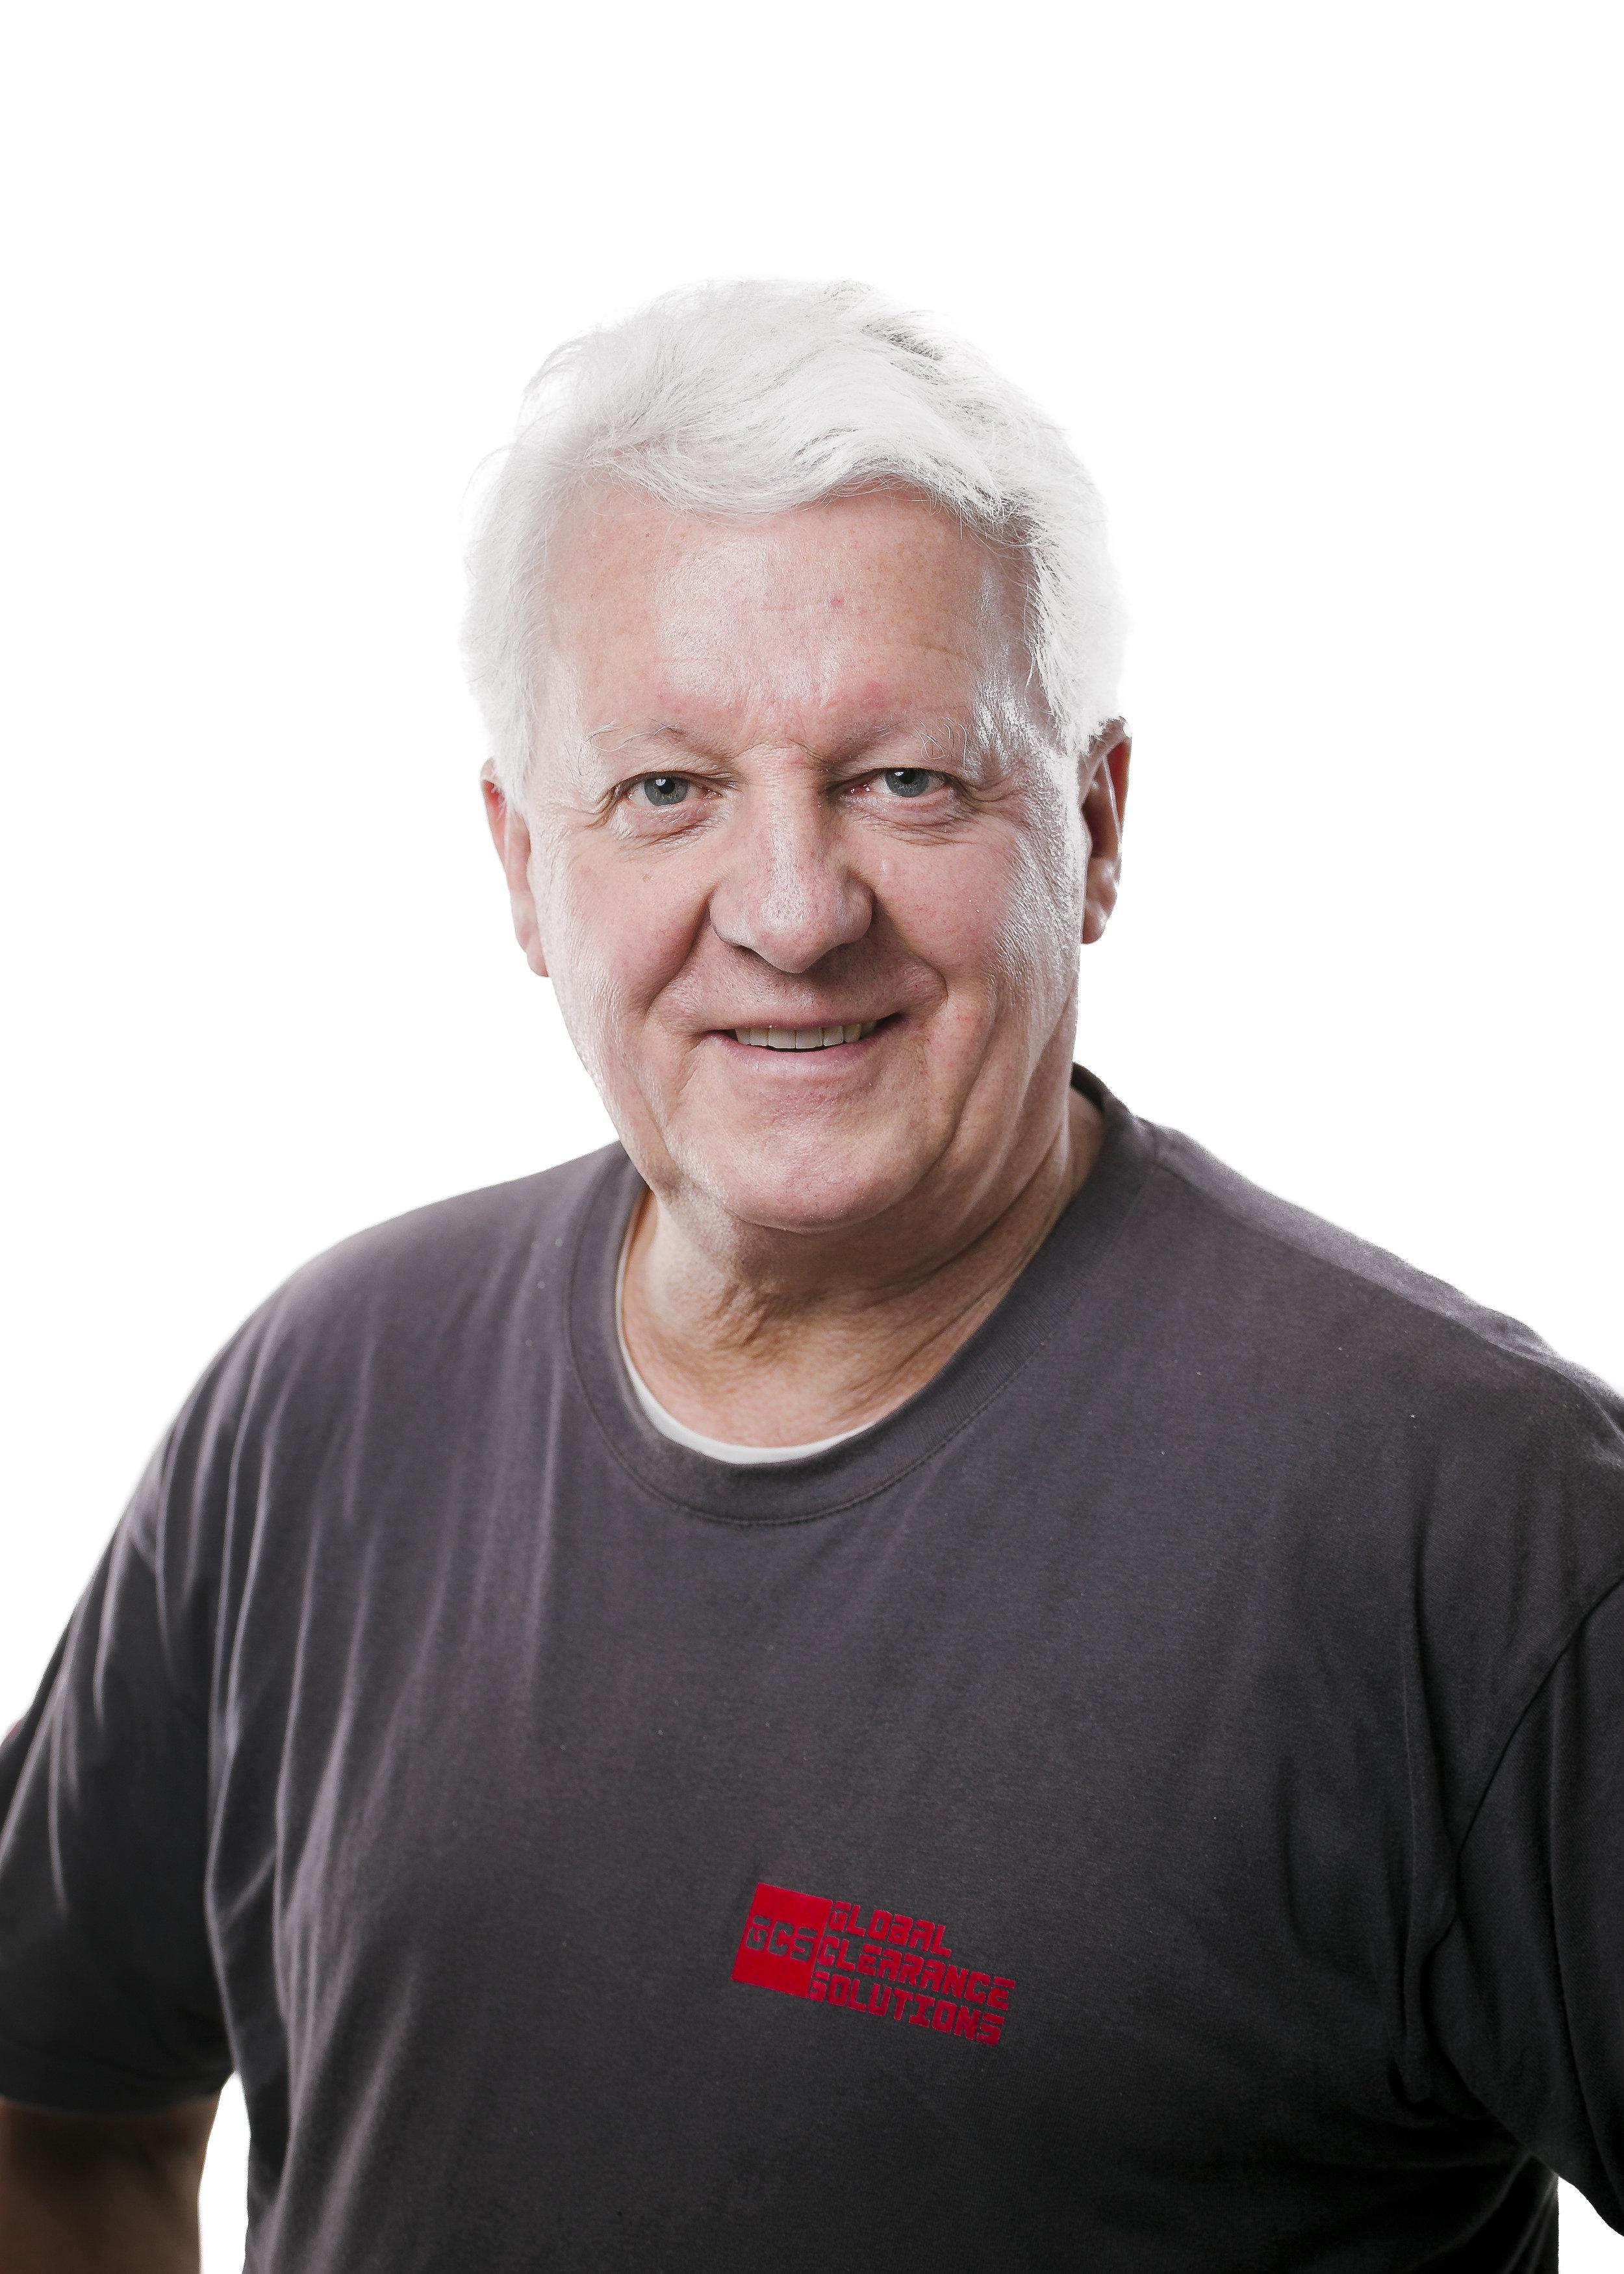 Norbert Madlener, Electrician